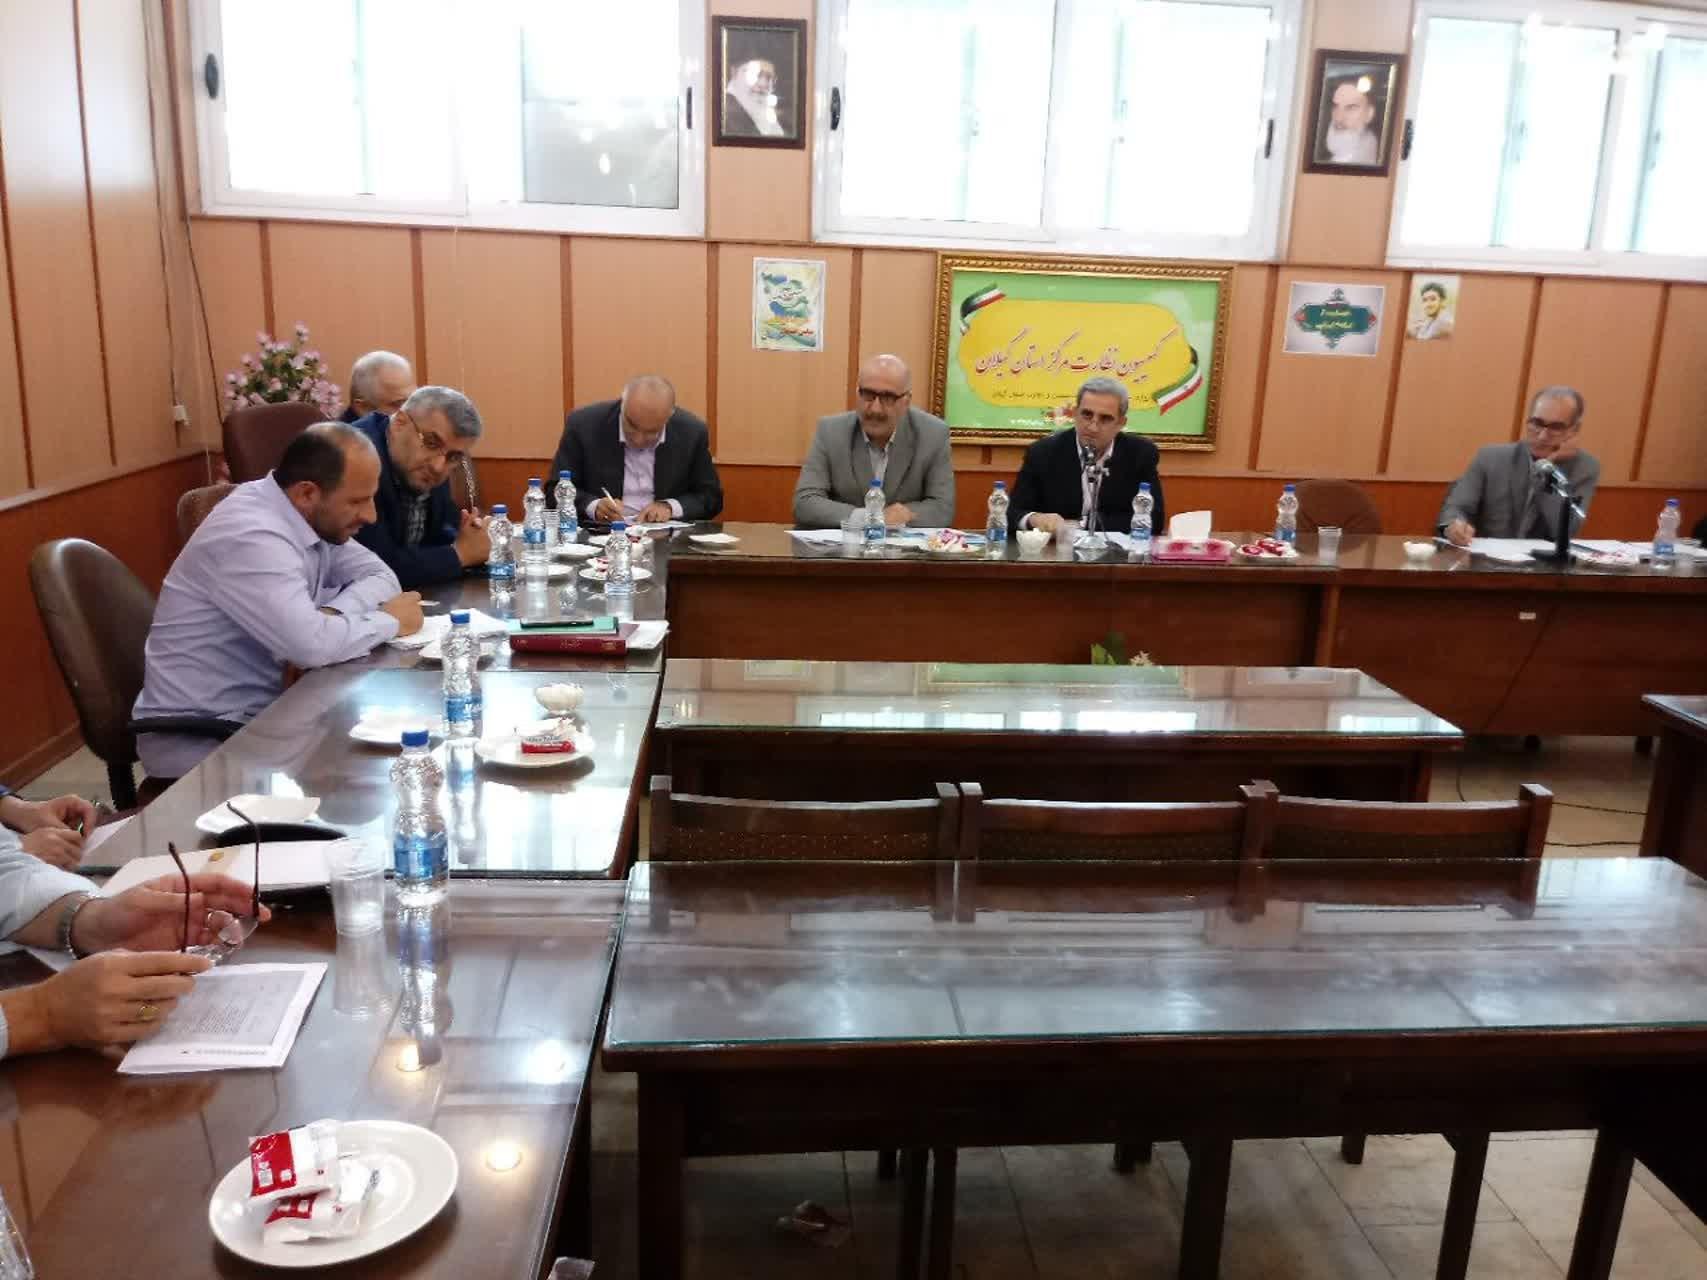 رئیس کمیسیون نظارت استان گیلان:  درک شرایط حاکم بر بازار در کنترل بازار موثر است